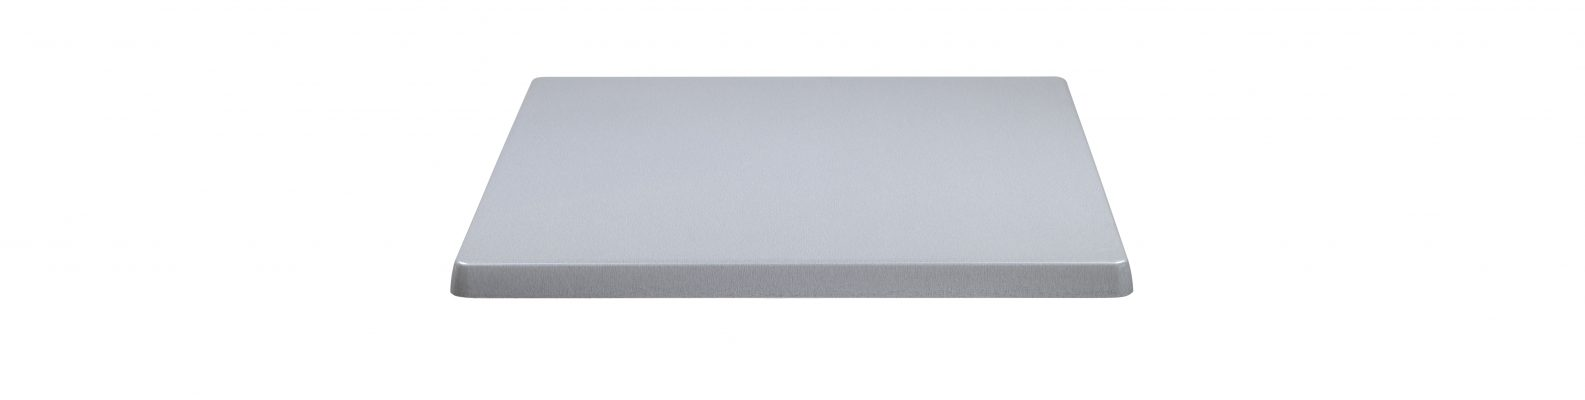 Bordsskiva 60x60cm, ljusgrå, Xirbi